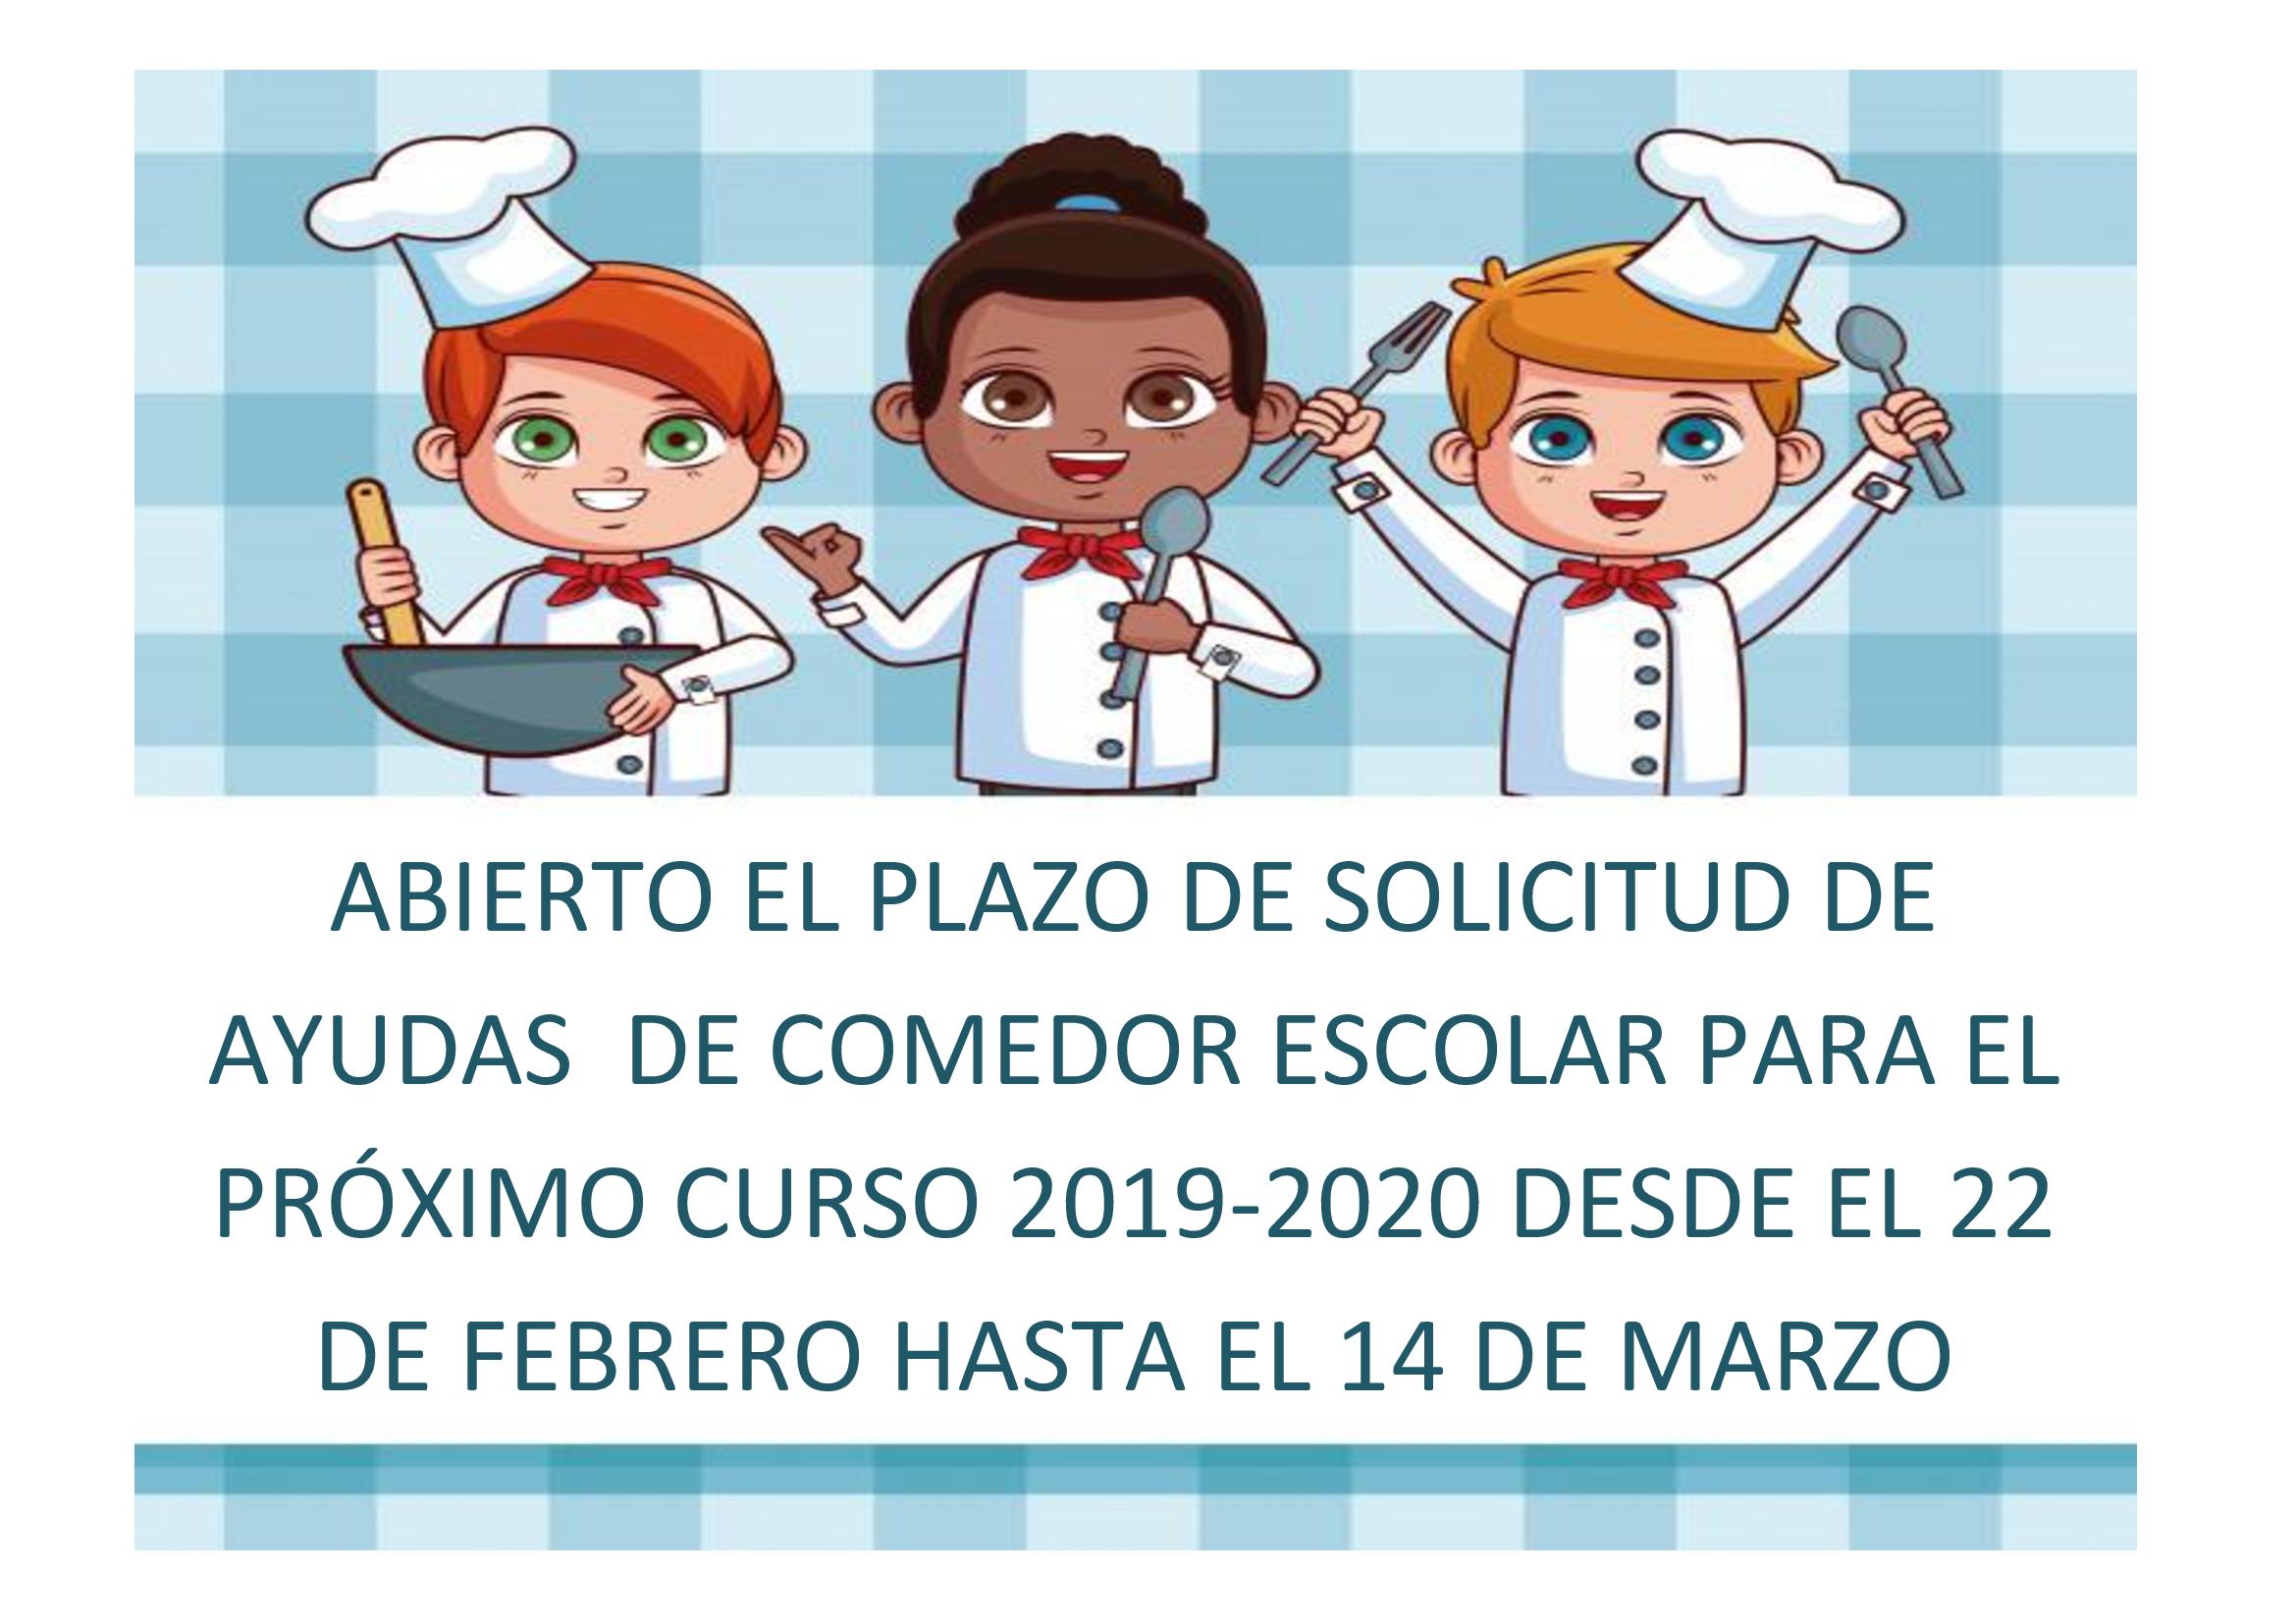 AYUDAS COMEDOR ESCOLAR CURSO 2019-2020 – Colegio El Ope